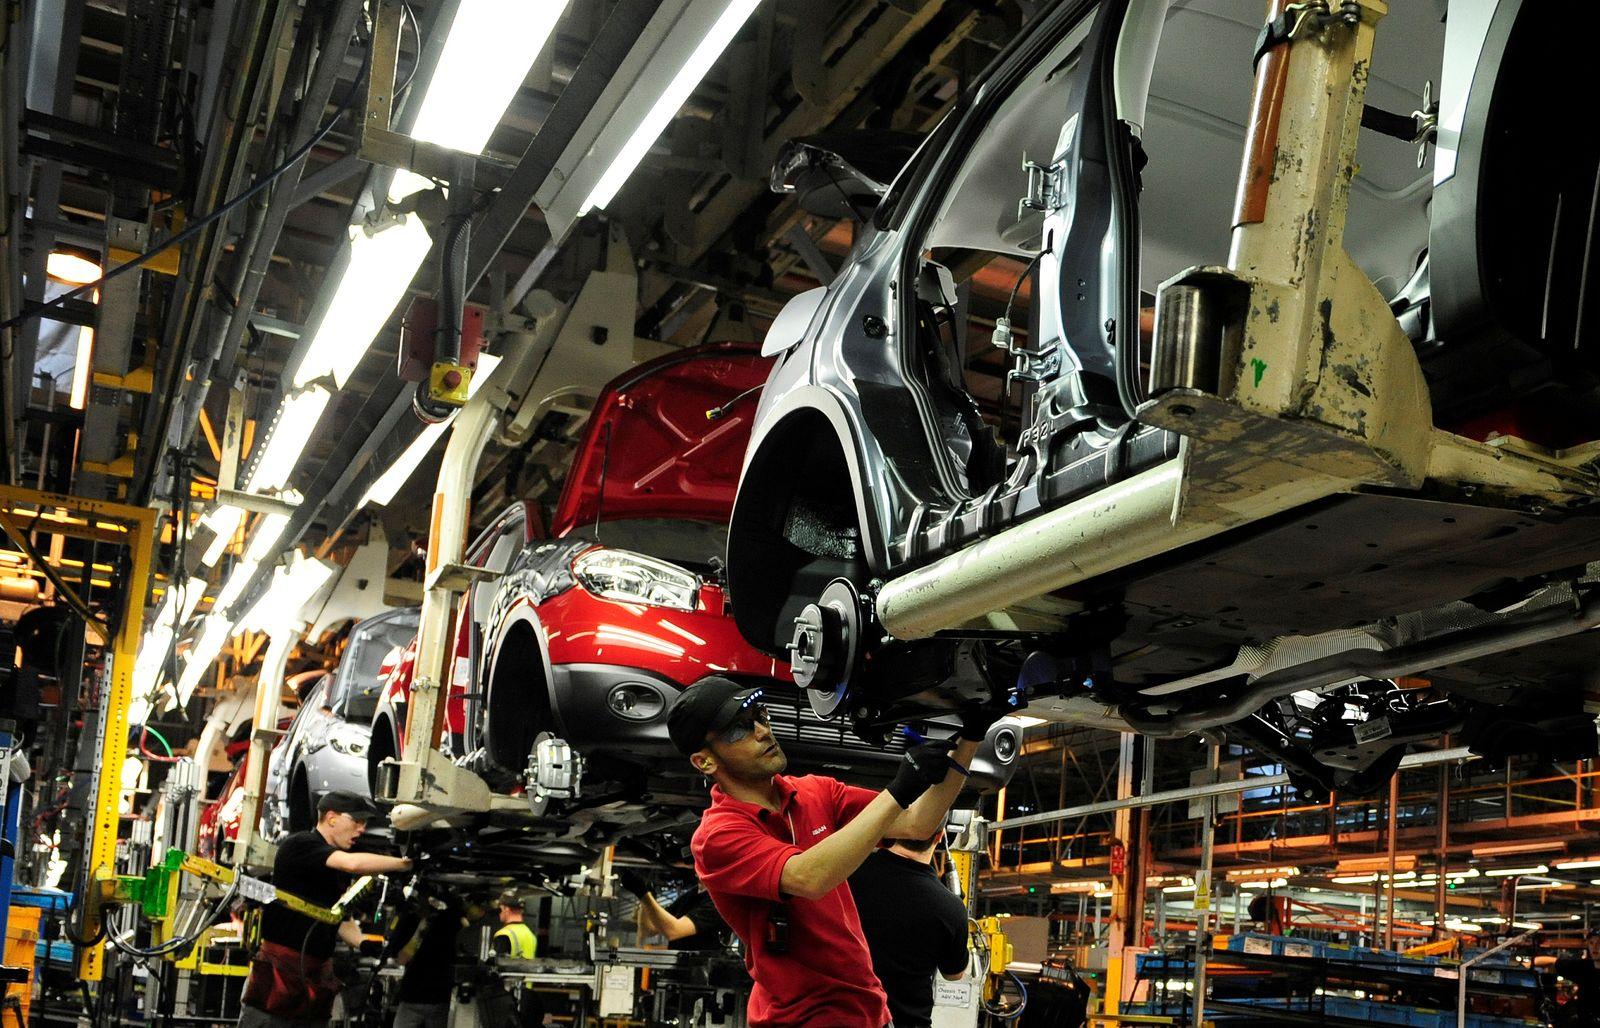 England / Konjunktur / Wirtschaft / Industrie / Brexit / Arbeiter / Nissan Produktion